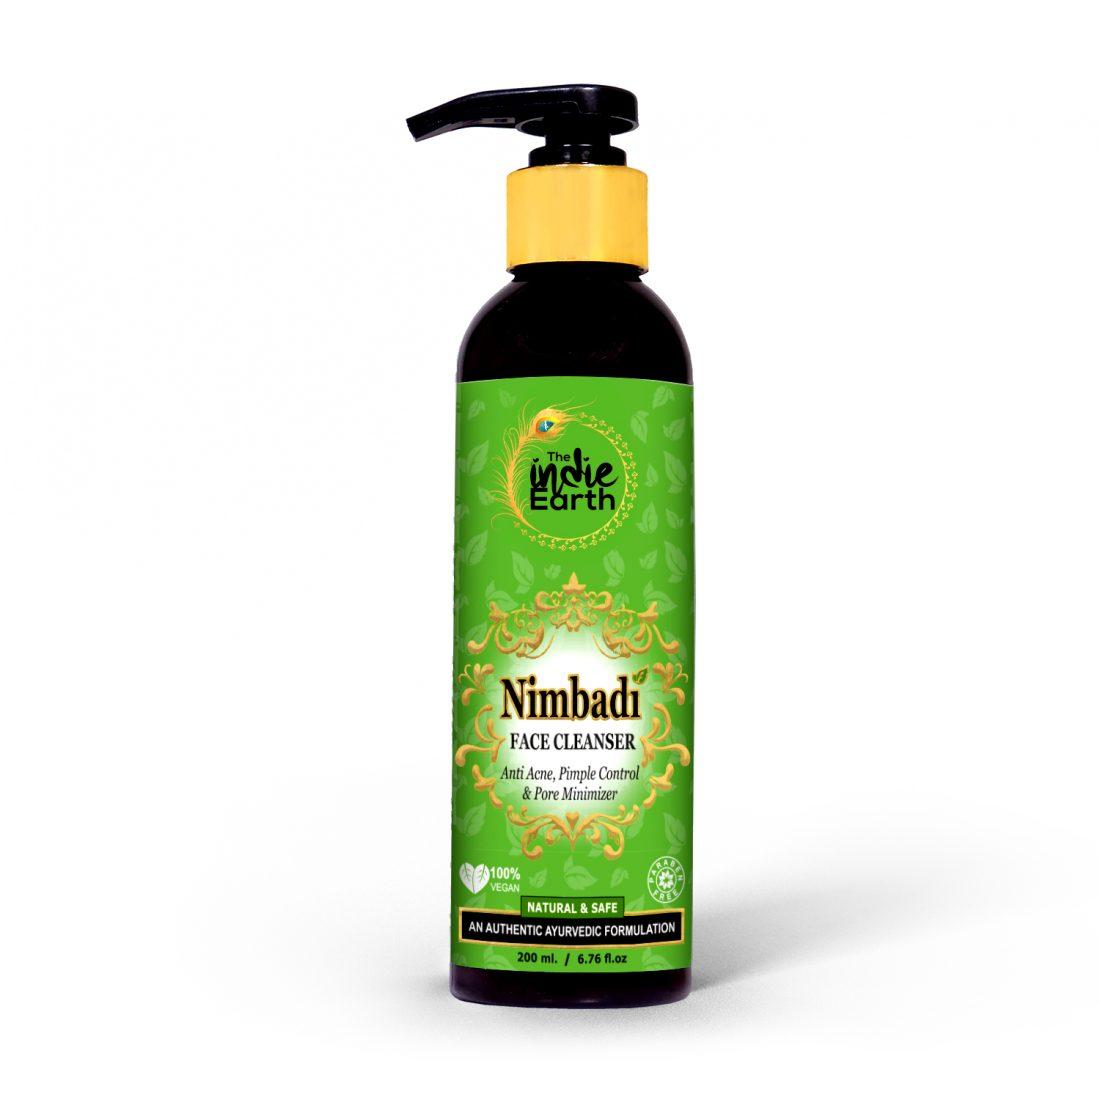 Nimbadi-Face-Cleanser